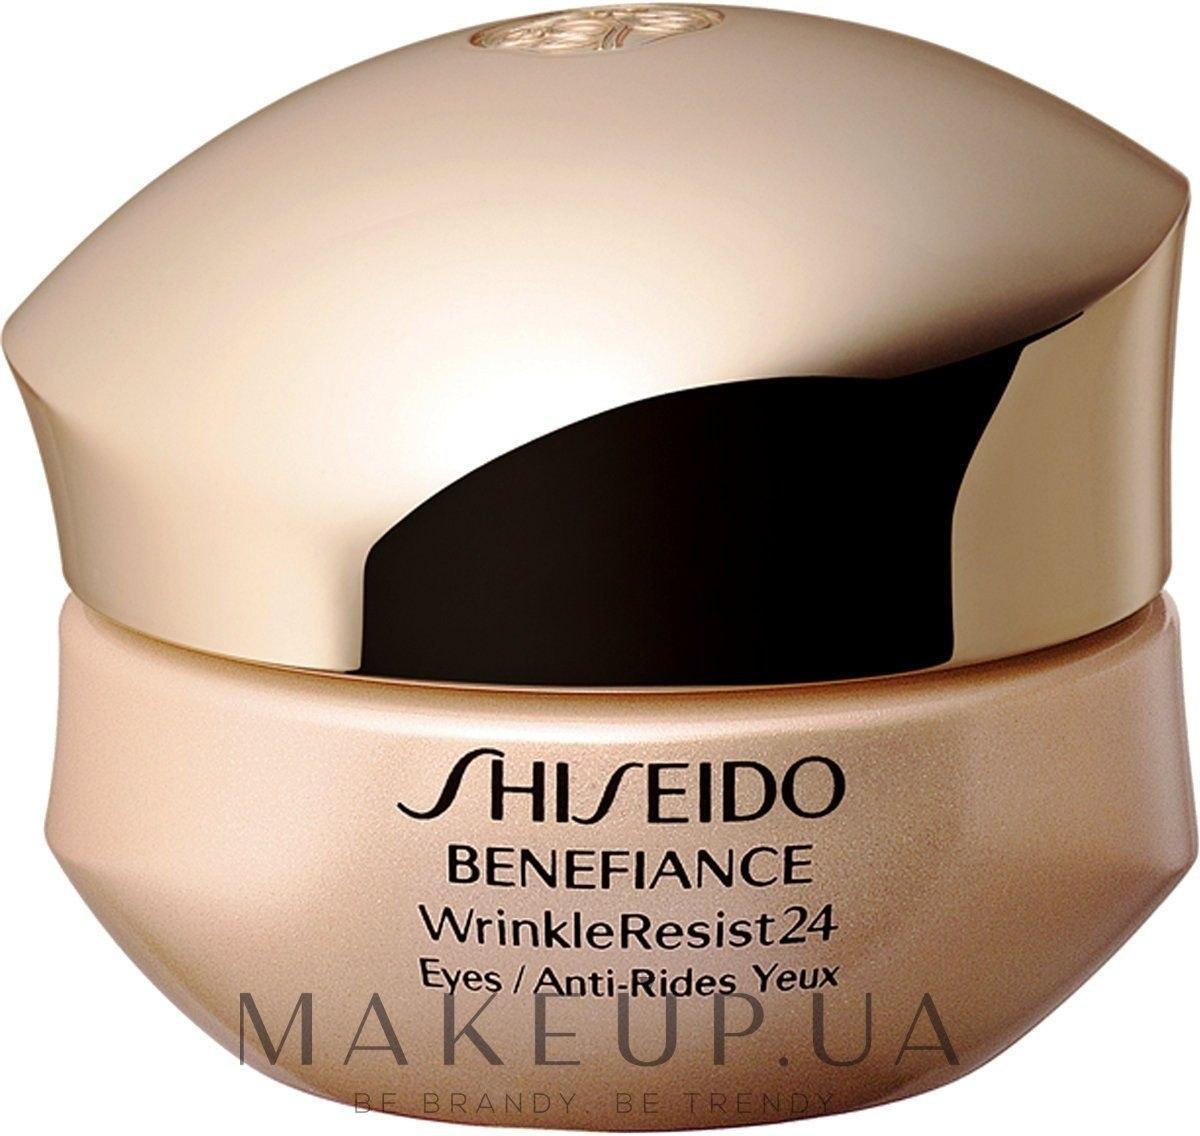 Shiseido косметика купить chanel официальный сайт косметика купить